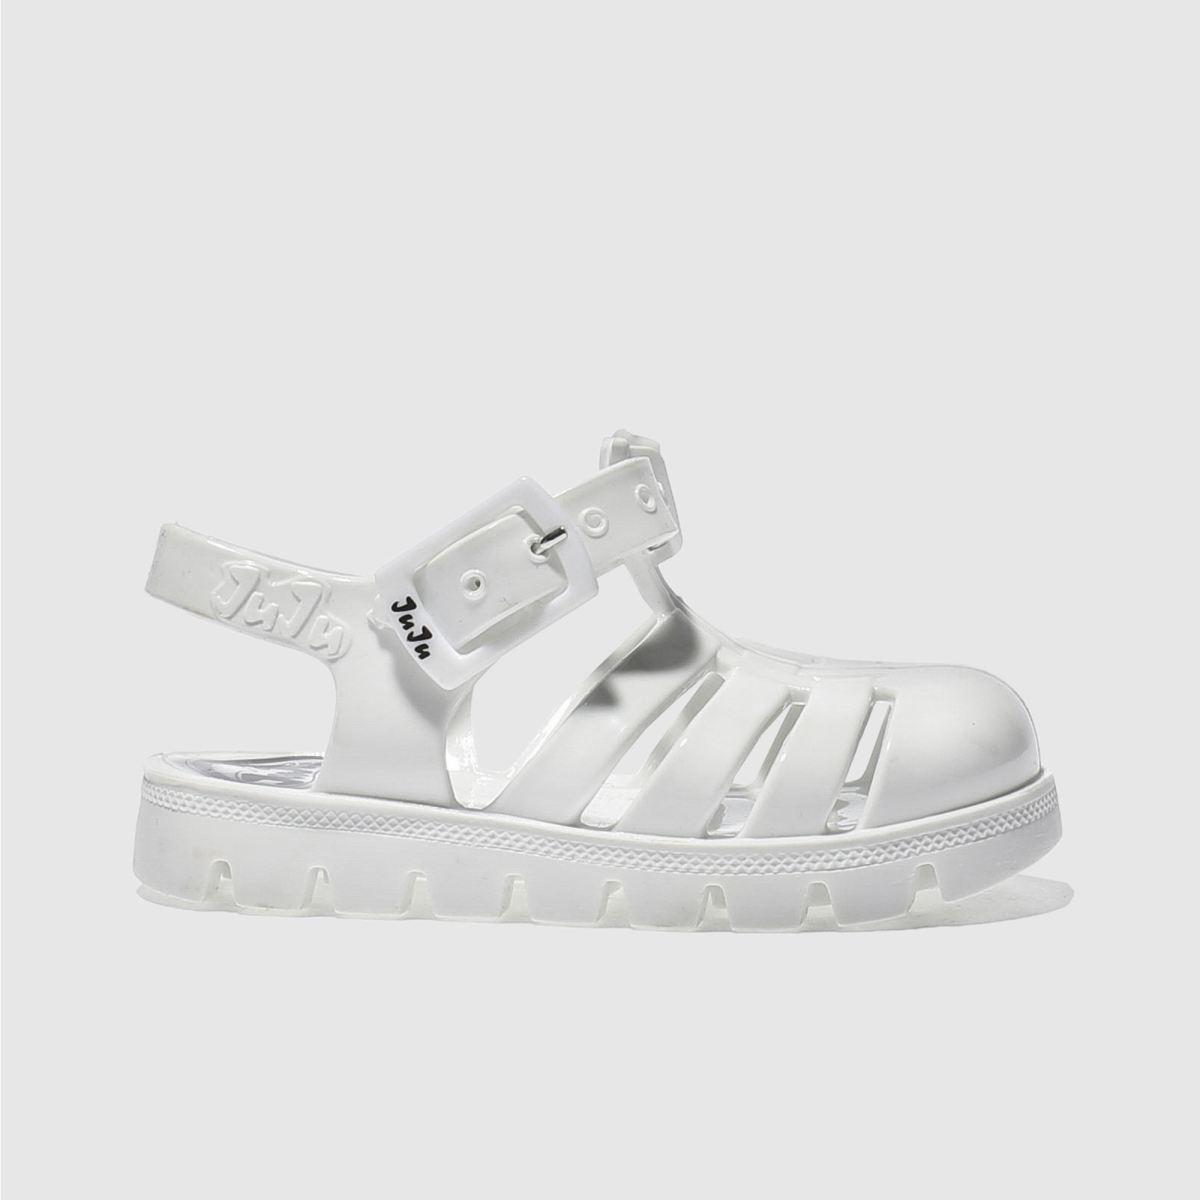 juju jellies Juju Jellies White Nino Girls Toddler Sandals